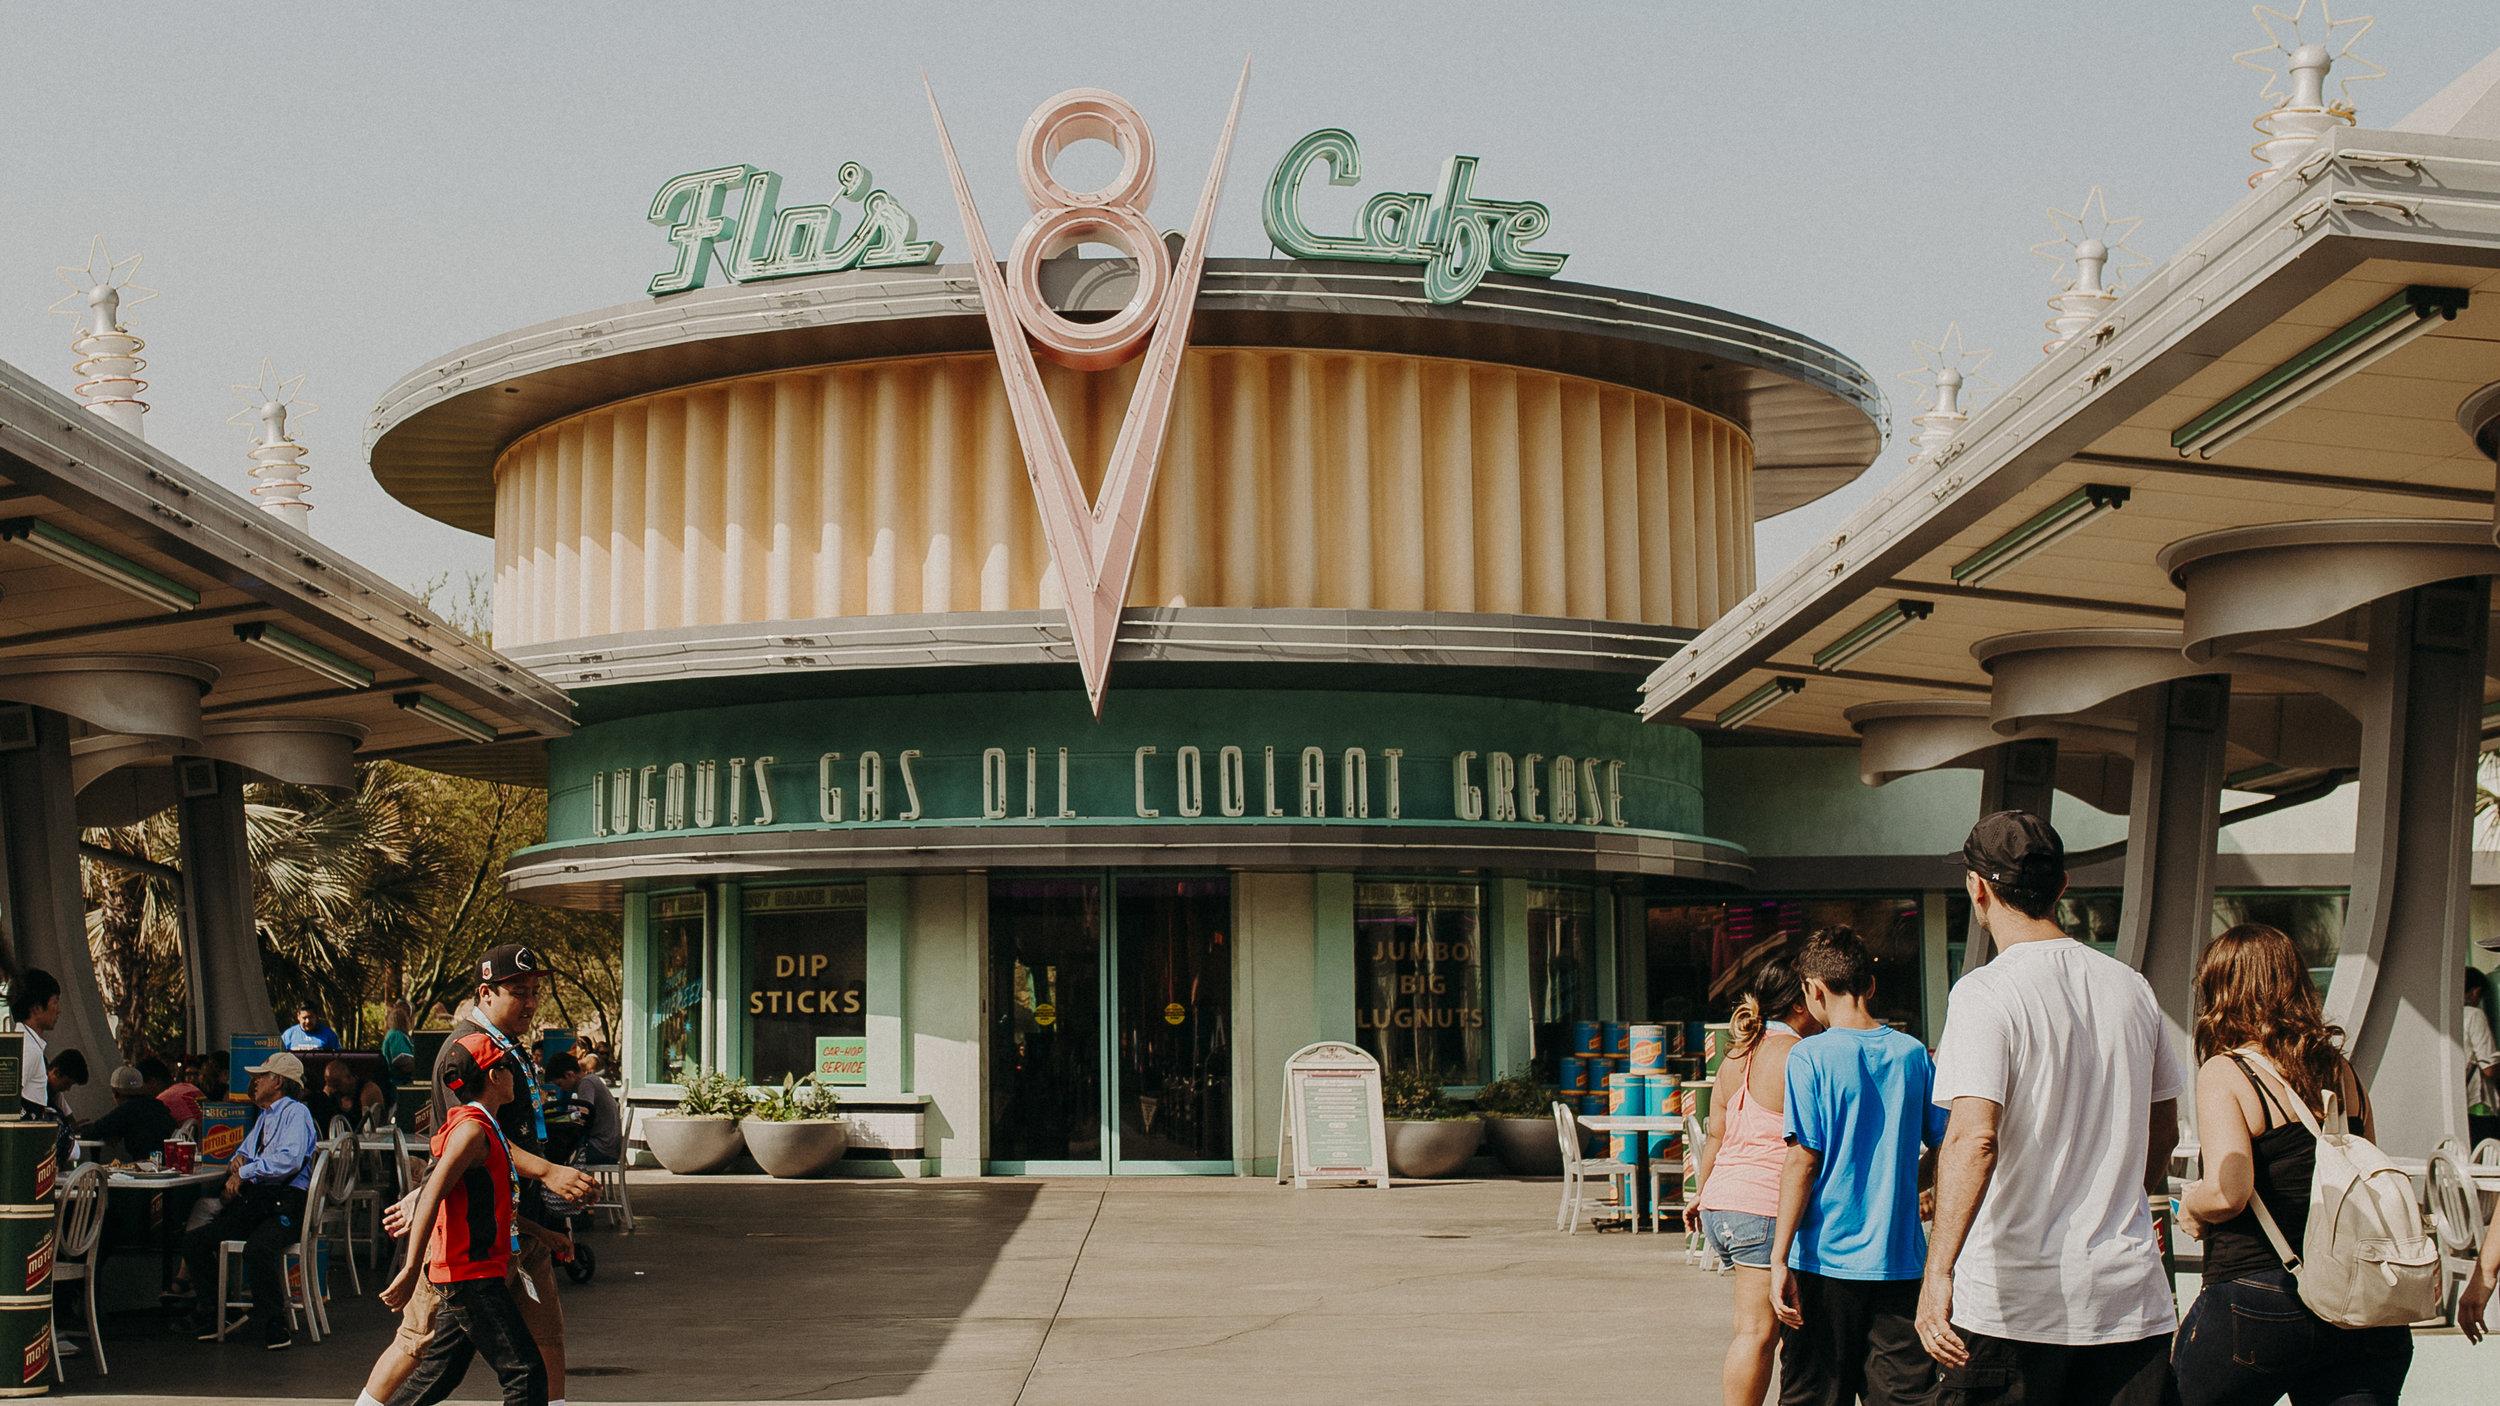 Disneys-California-Adventure-Pictures-6.jpg